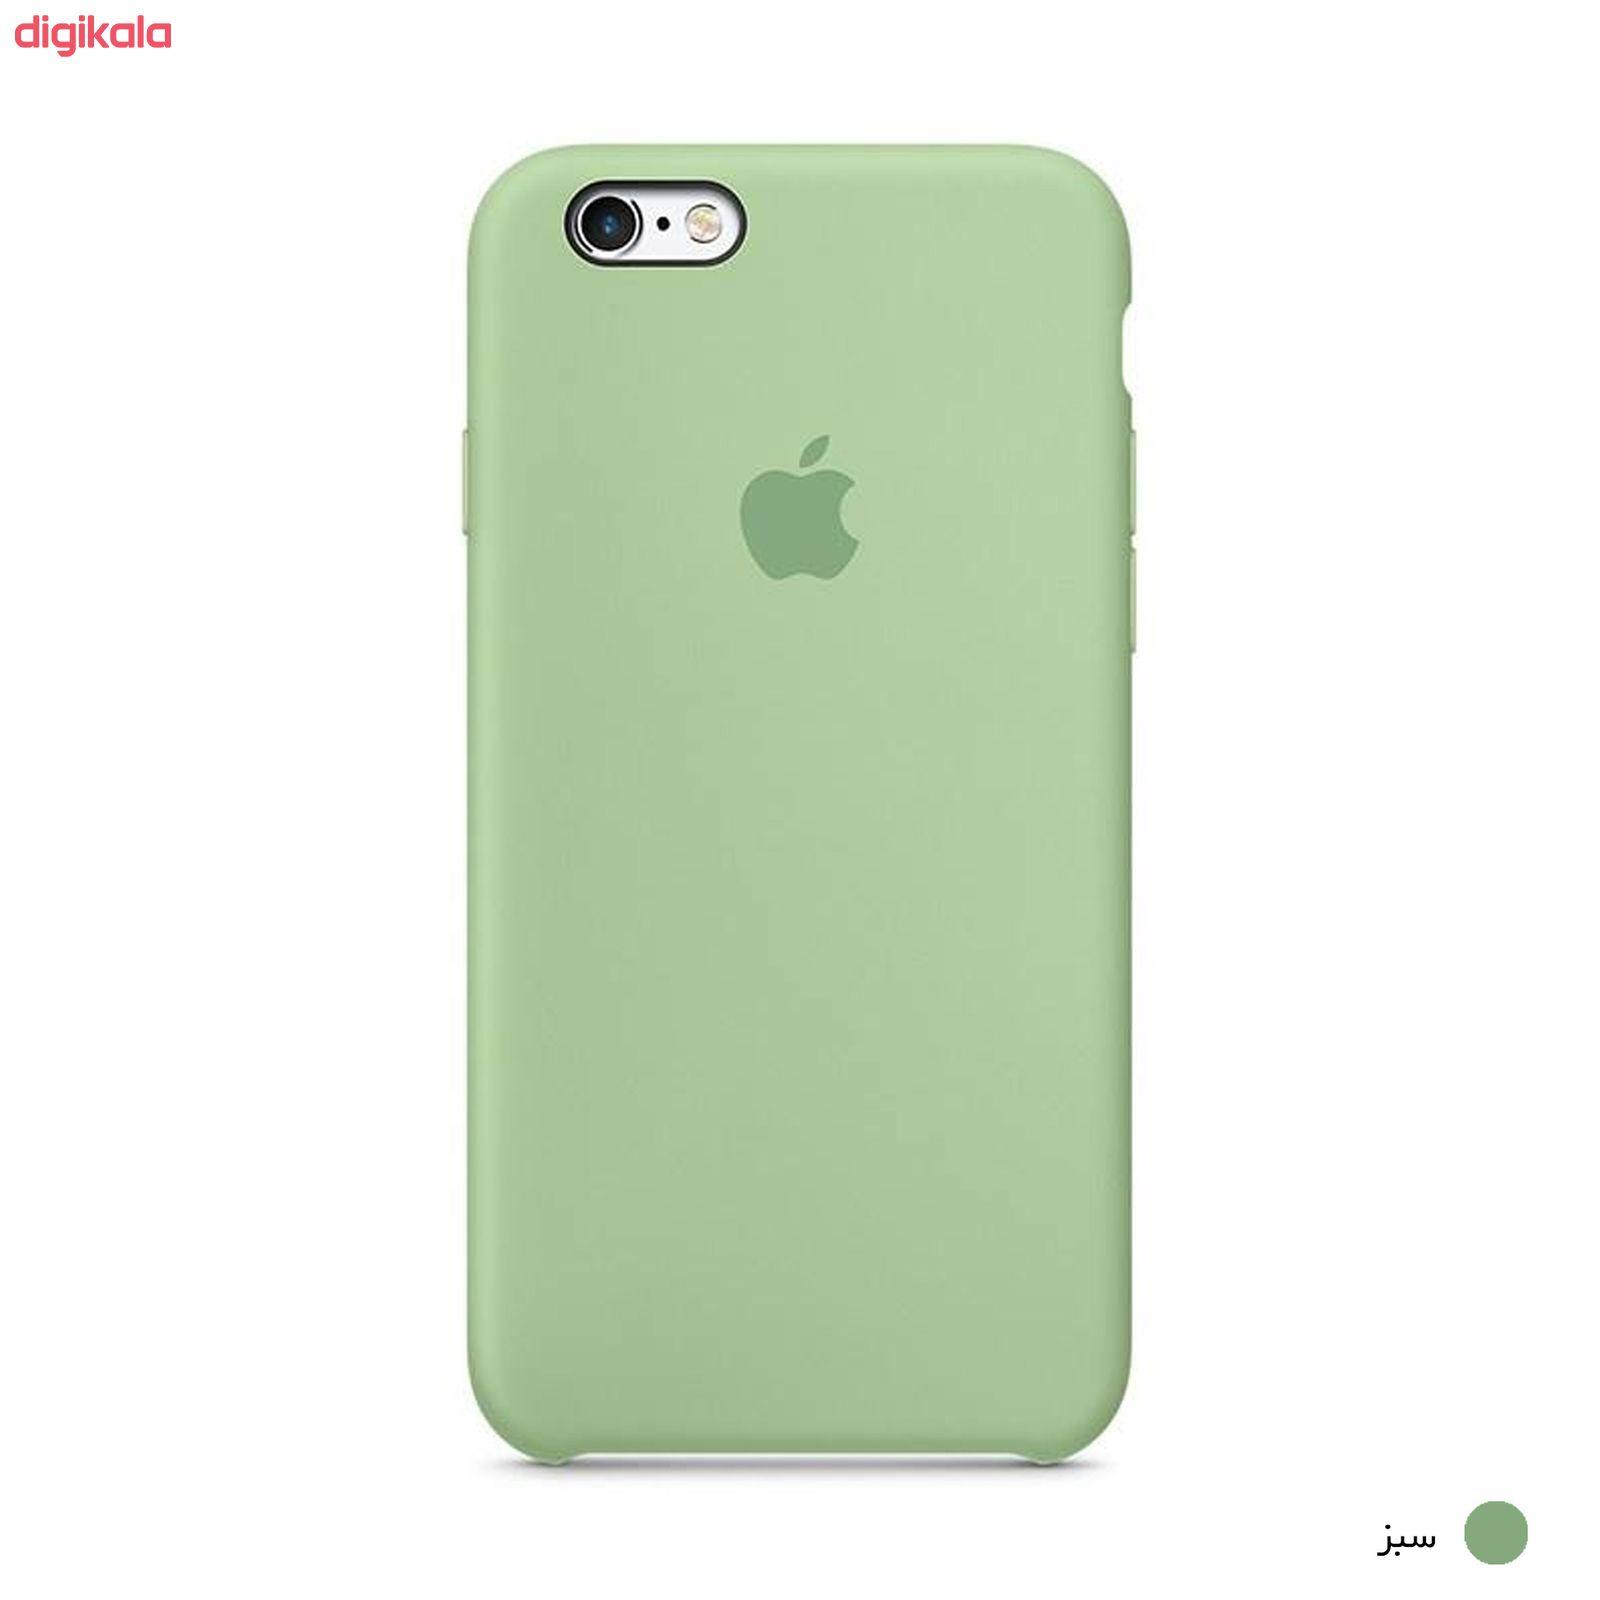 کاور سیلیکونی مناسب برای گوشی موبایل آیفون 6 پلاس/6s پلاس main 1 24